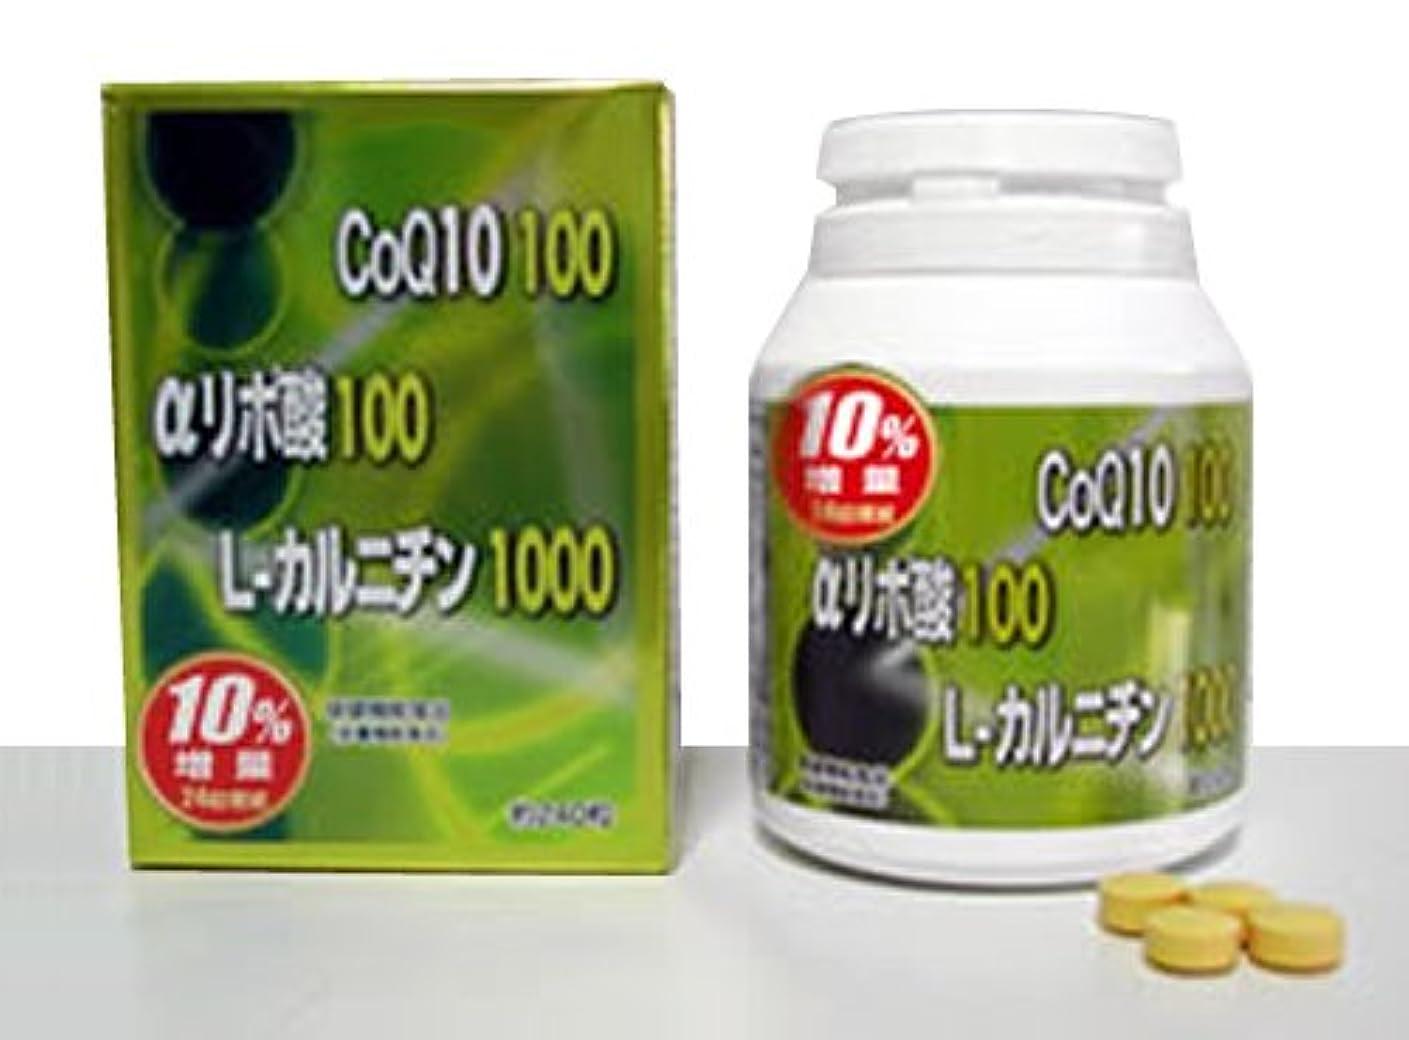 砂所属喜んで10%増量 CoQ10 100?αリポ酸 100?L-カルニチン 1000